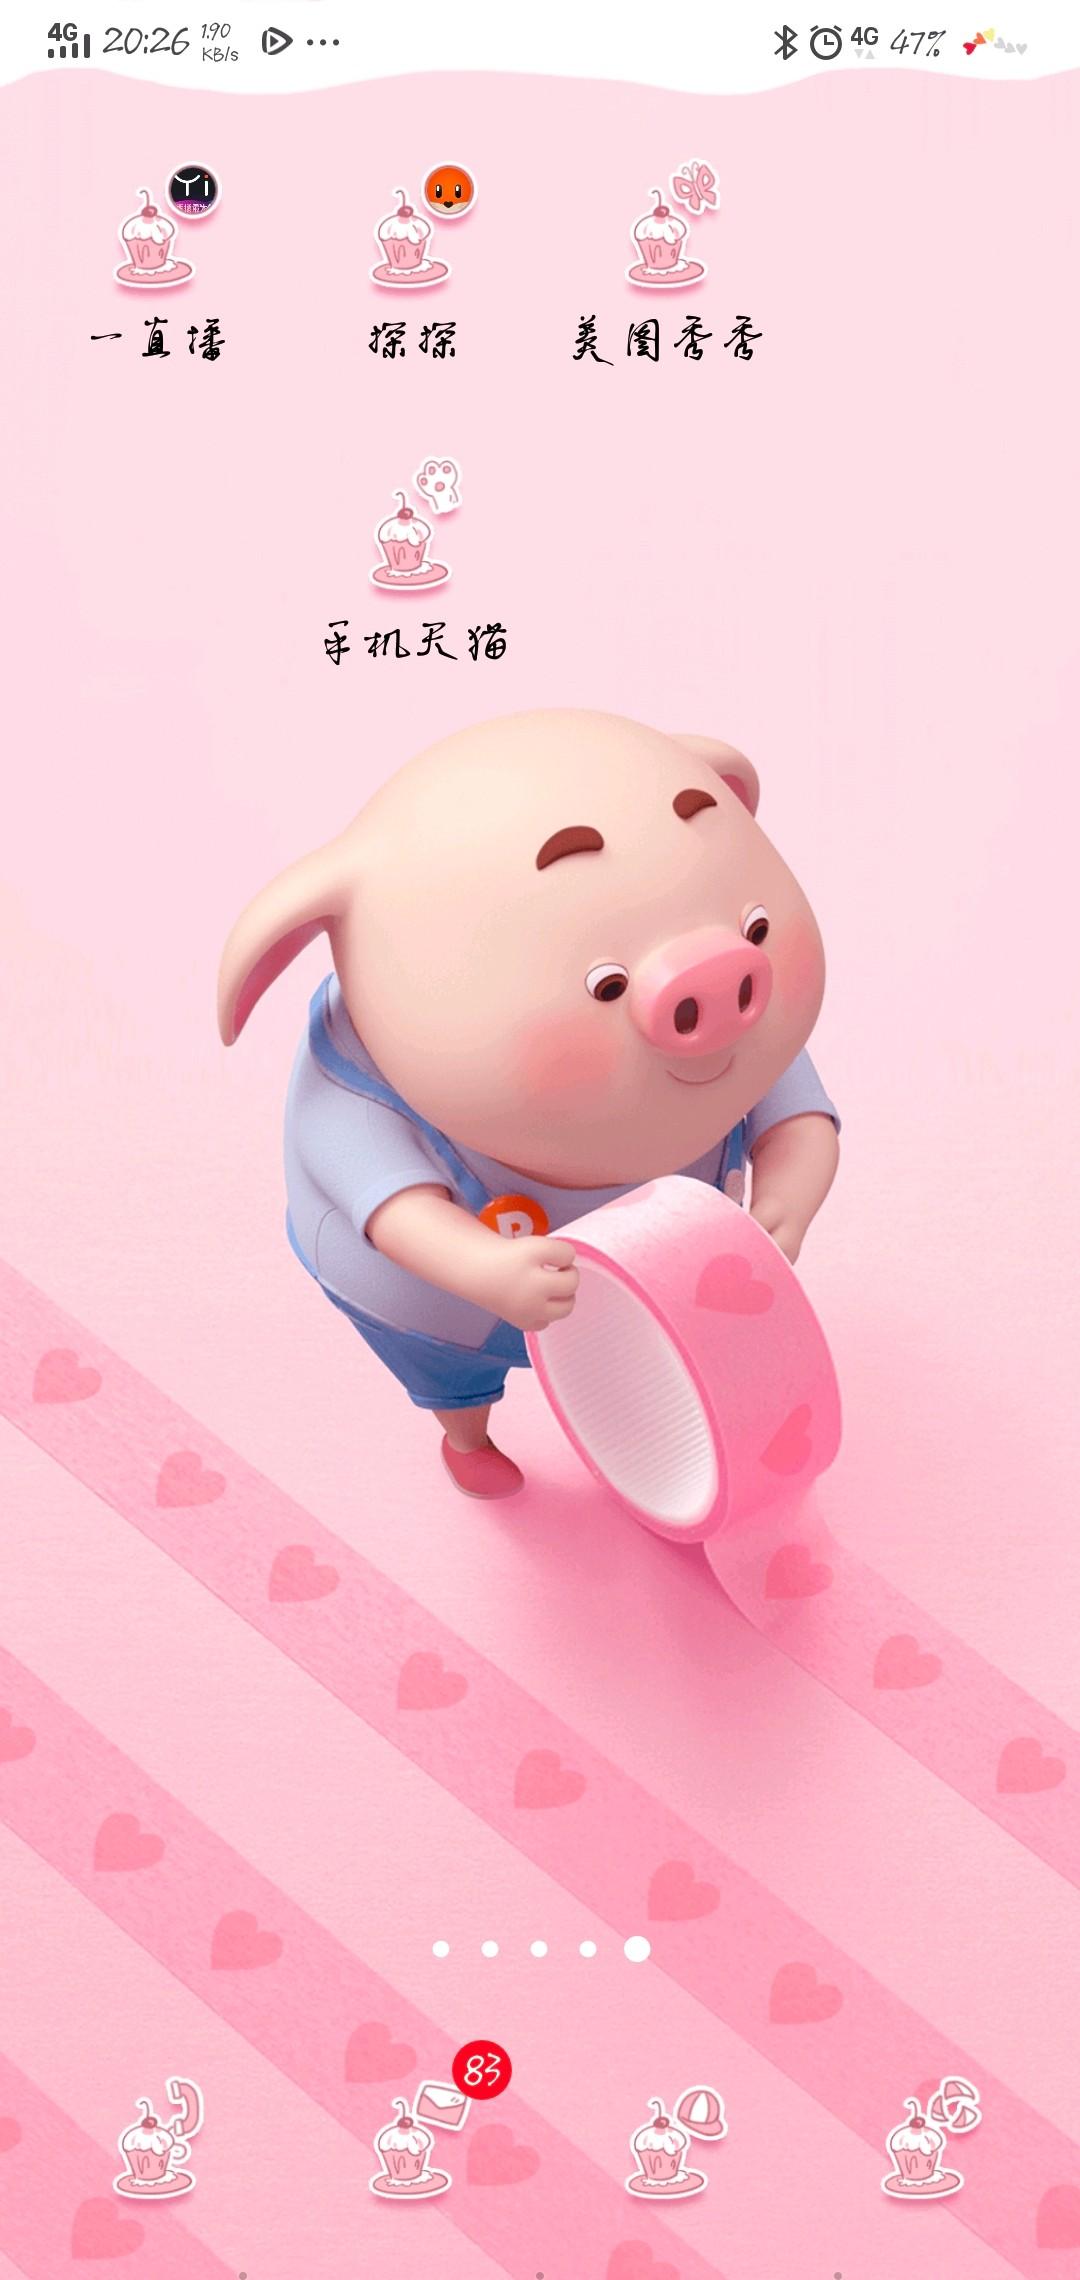 猪小屁囹�a�i)�aj9i-9`�_【主题推荐】\